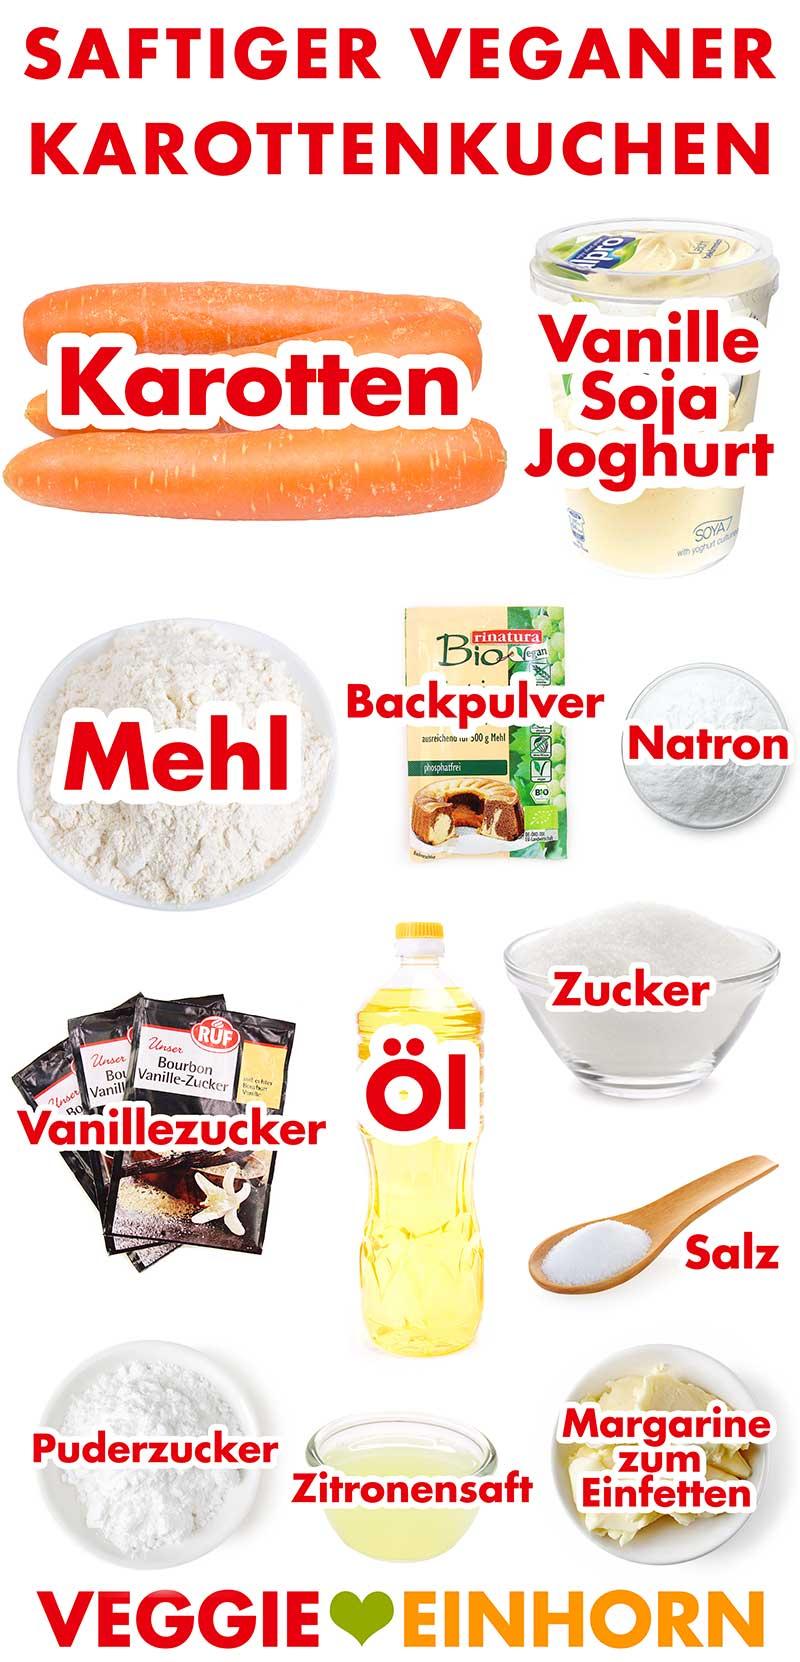 Zutaten für saftigen veganen Karottenkuchen